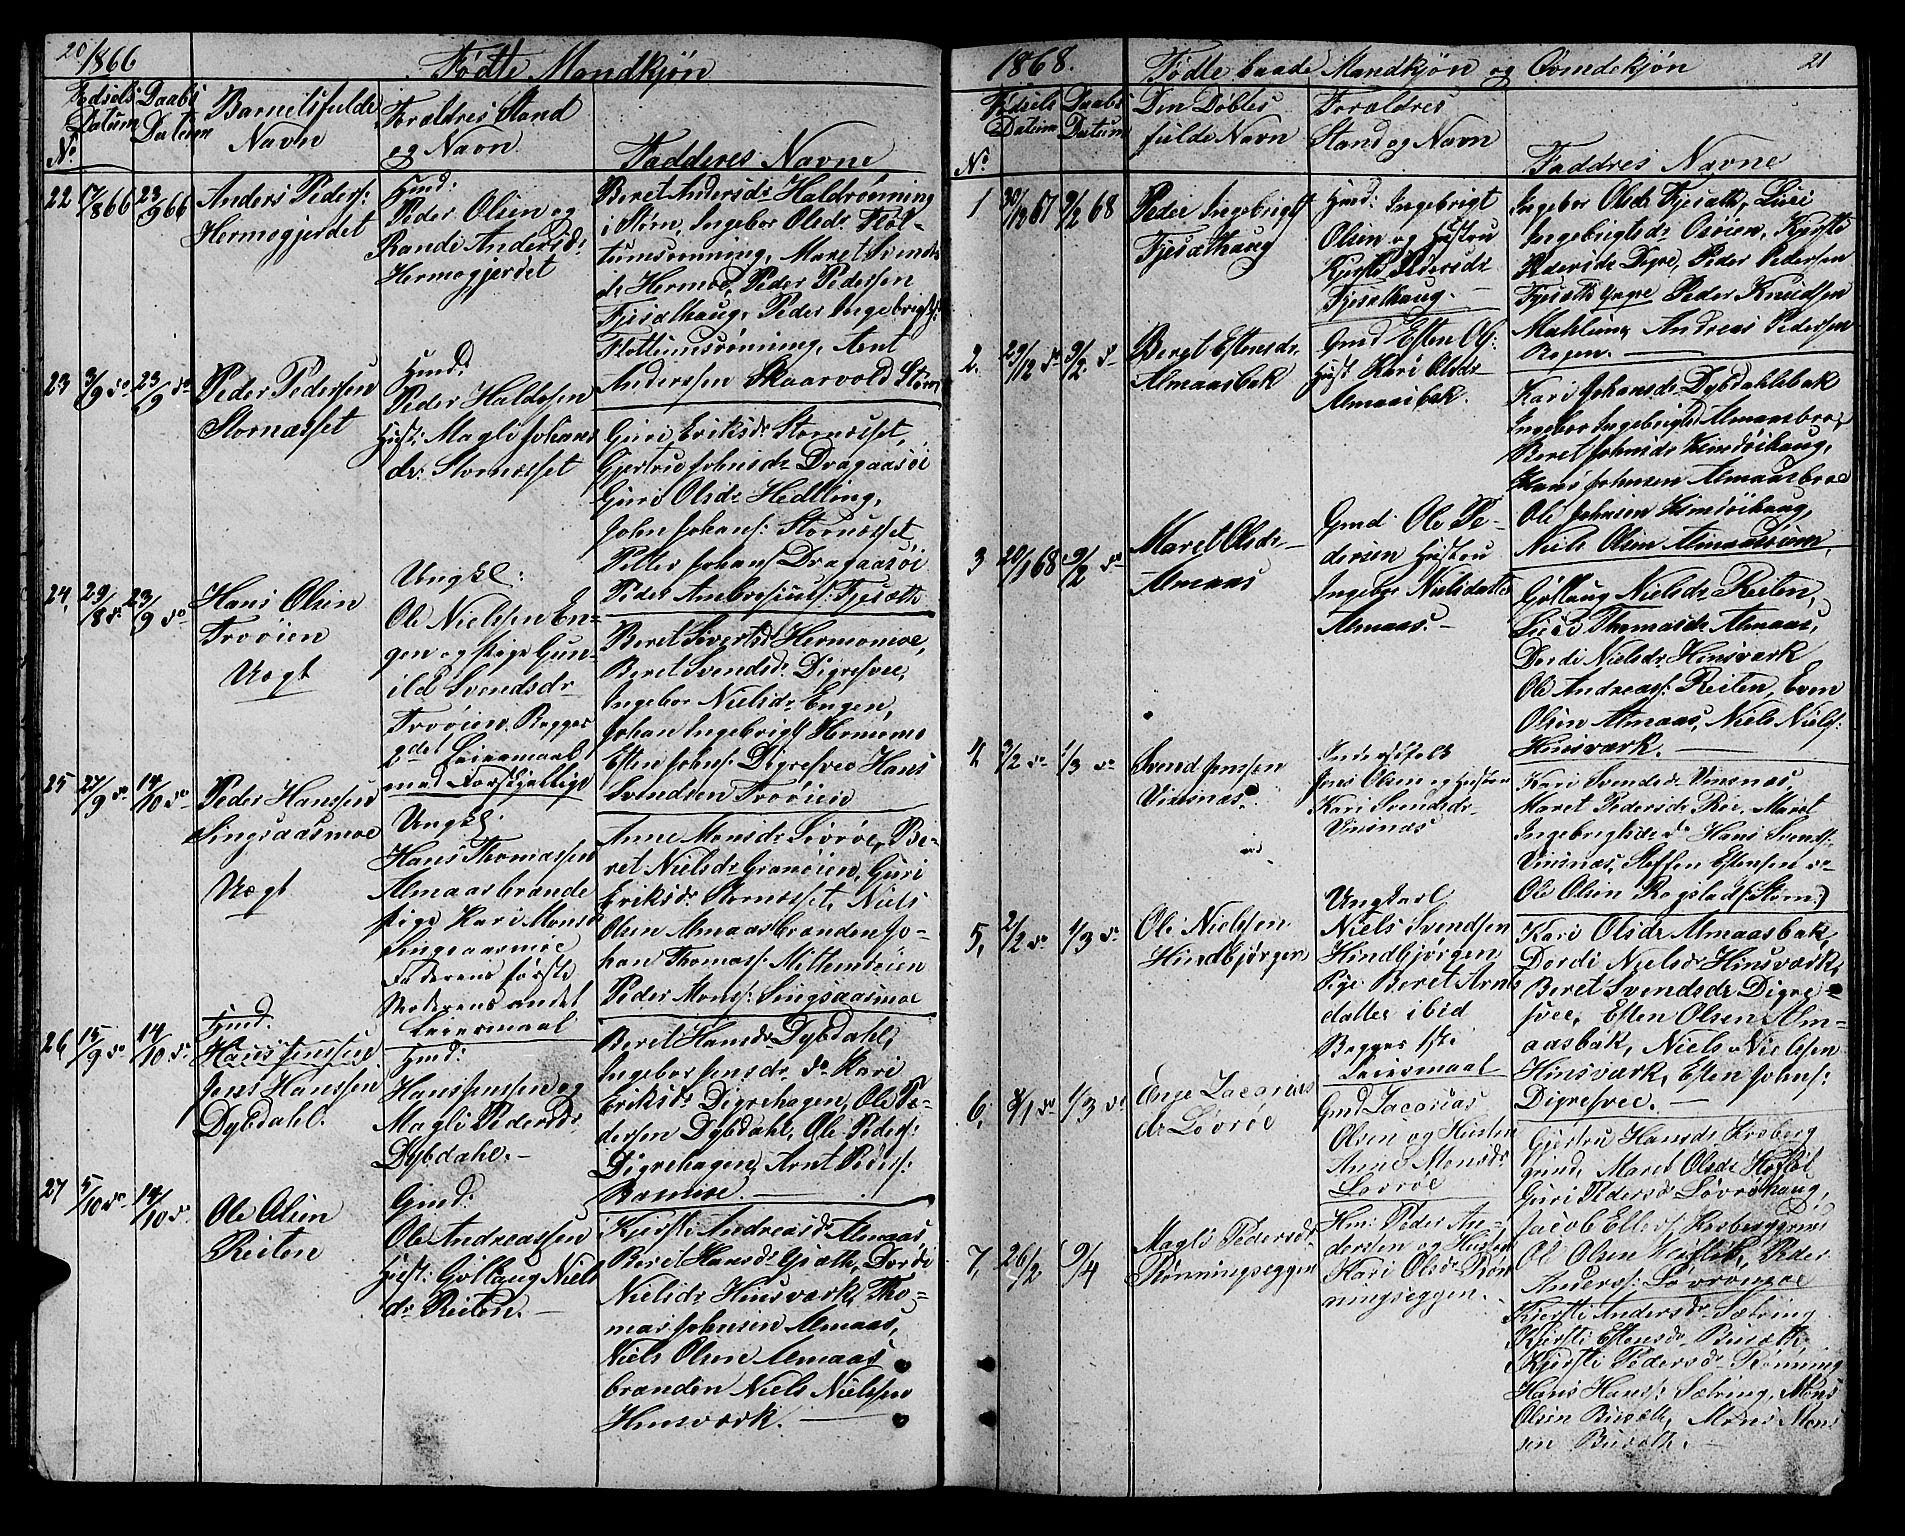 SAT, Ministerialprotokoller, klokkerbøker og fødselsregistre - Sør-Trøndelag, 688/L1027: Klokkerbok nr. 688C02, 1861-1889, s. 20-21